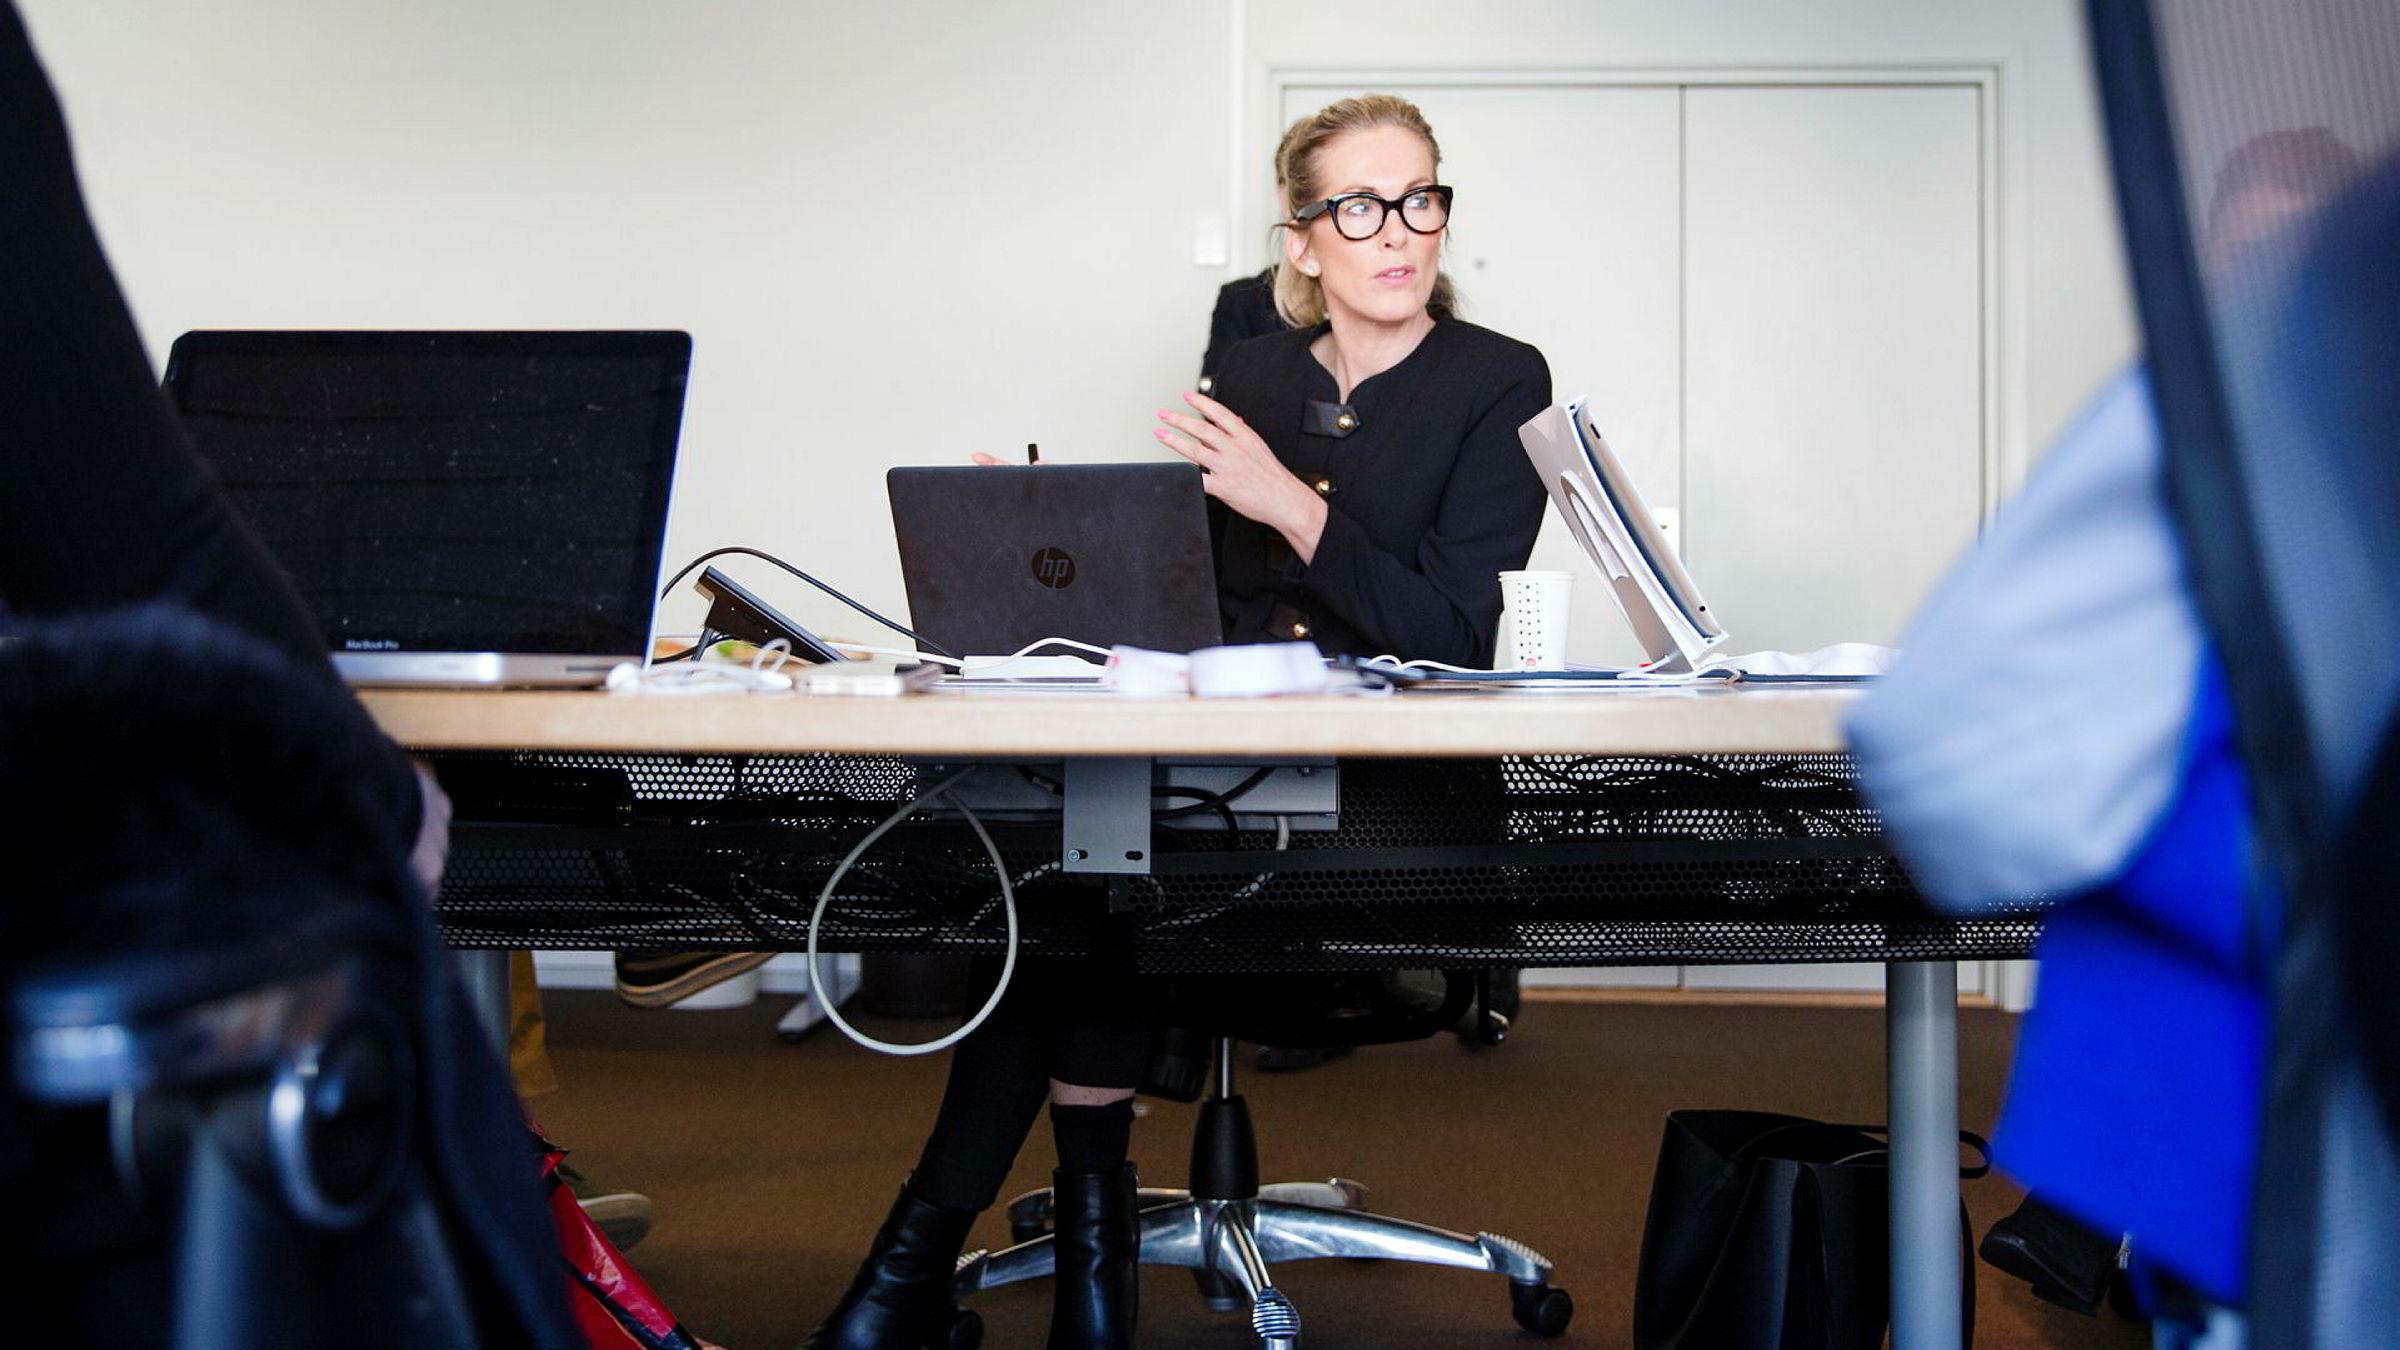 hovedtillitsvalgte for fagforeningene visste ikke om at deler av styret for Innovasjon Norge ikke har tillit til direktør Anita Krohn Traaseth.